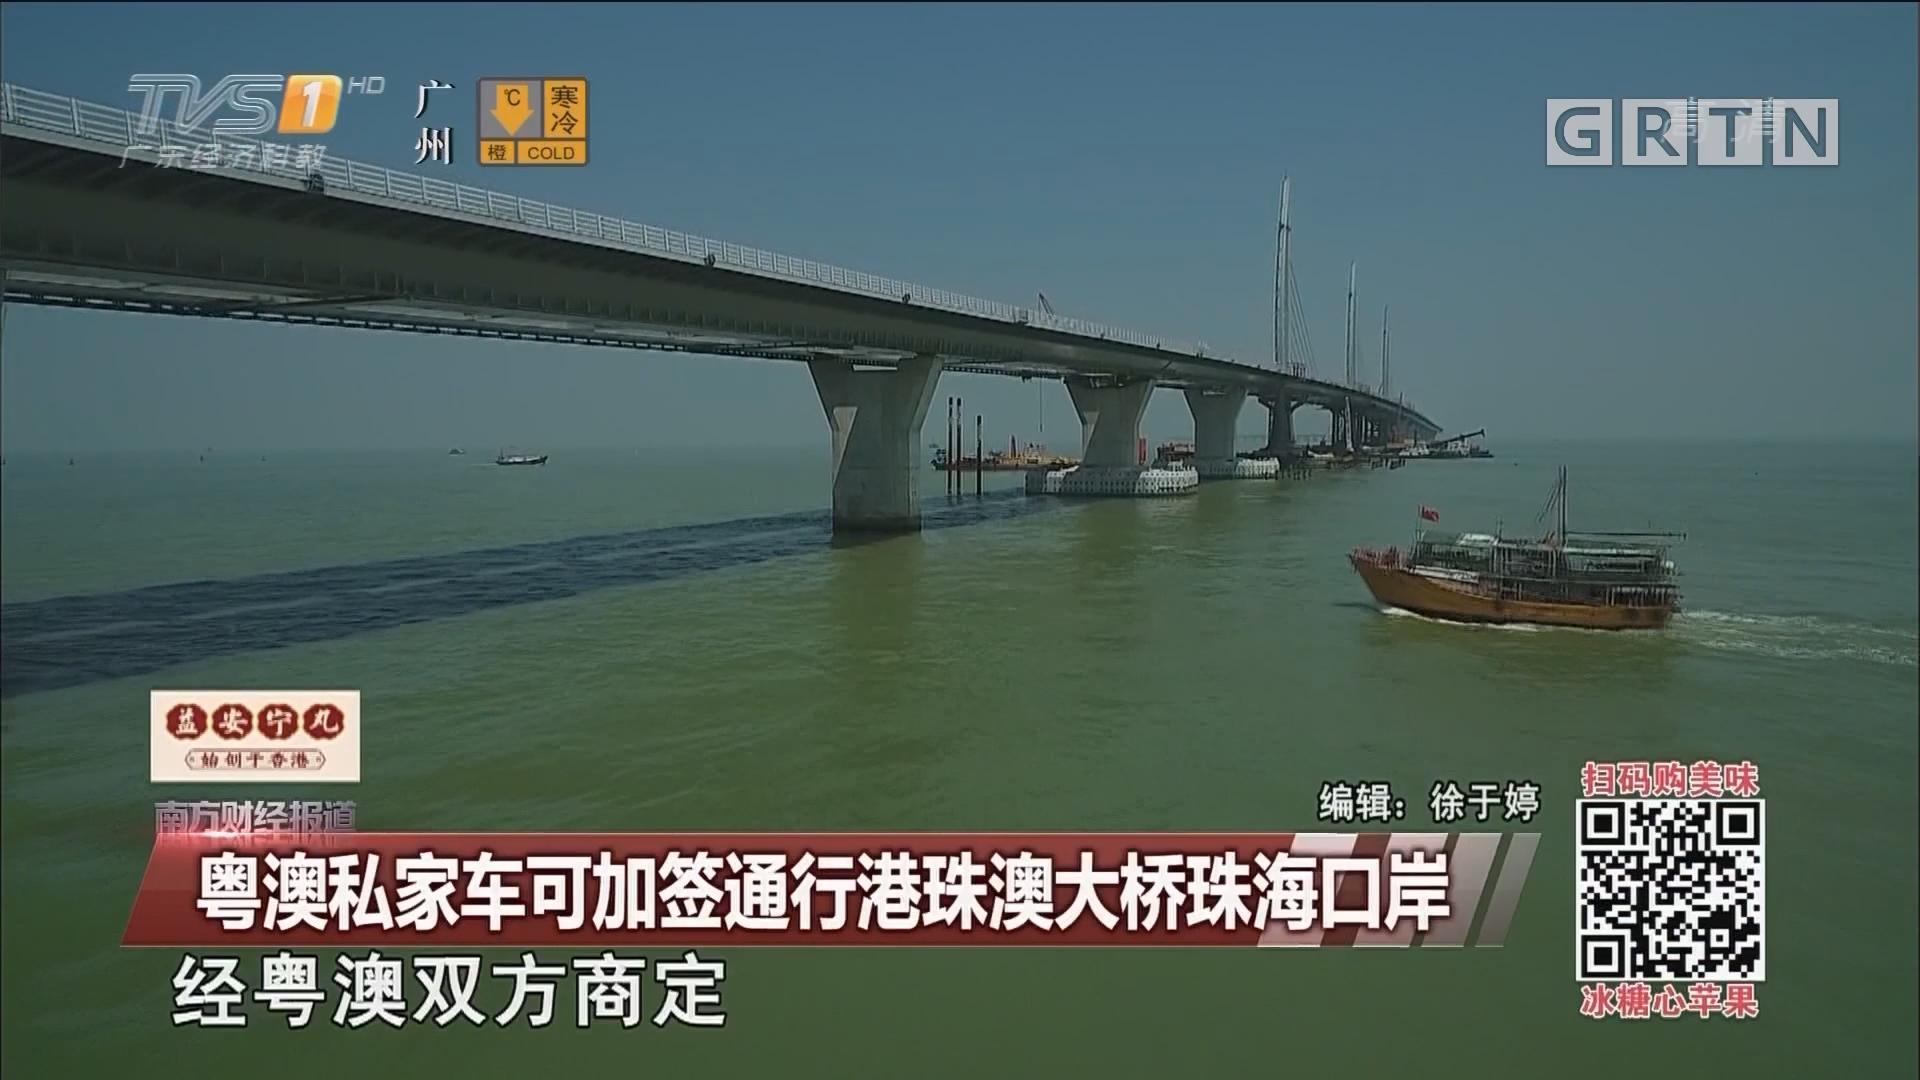 粤澳私家车可加签通行港珠澳大桥珠海口岸